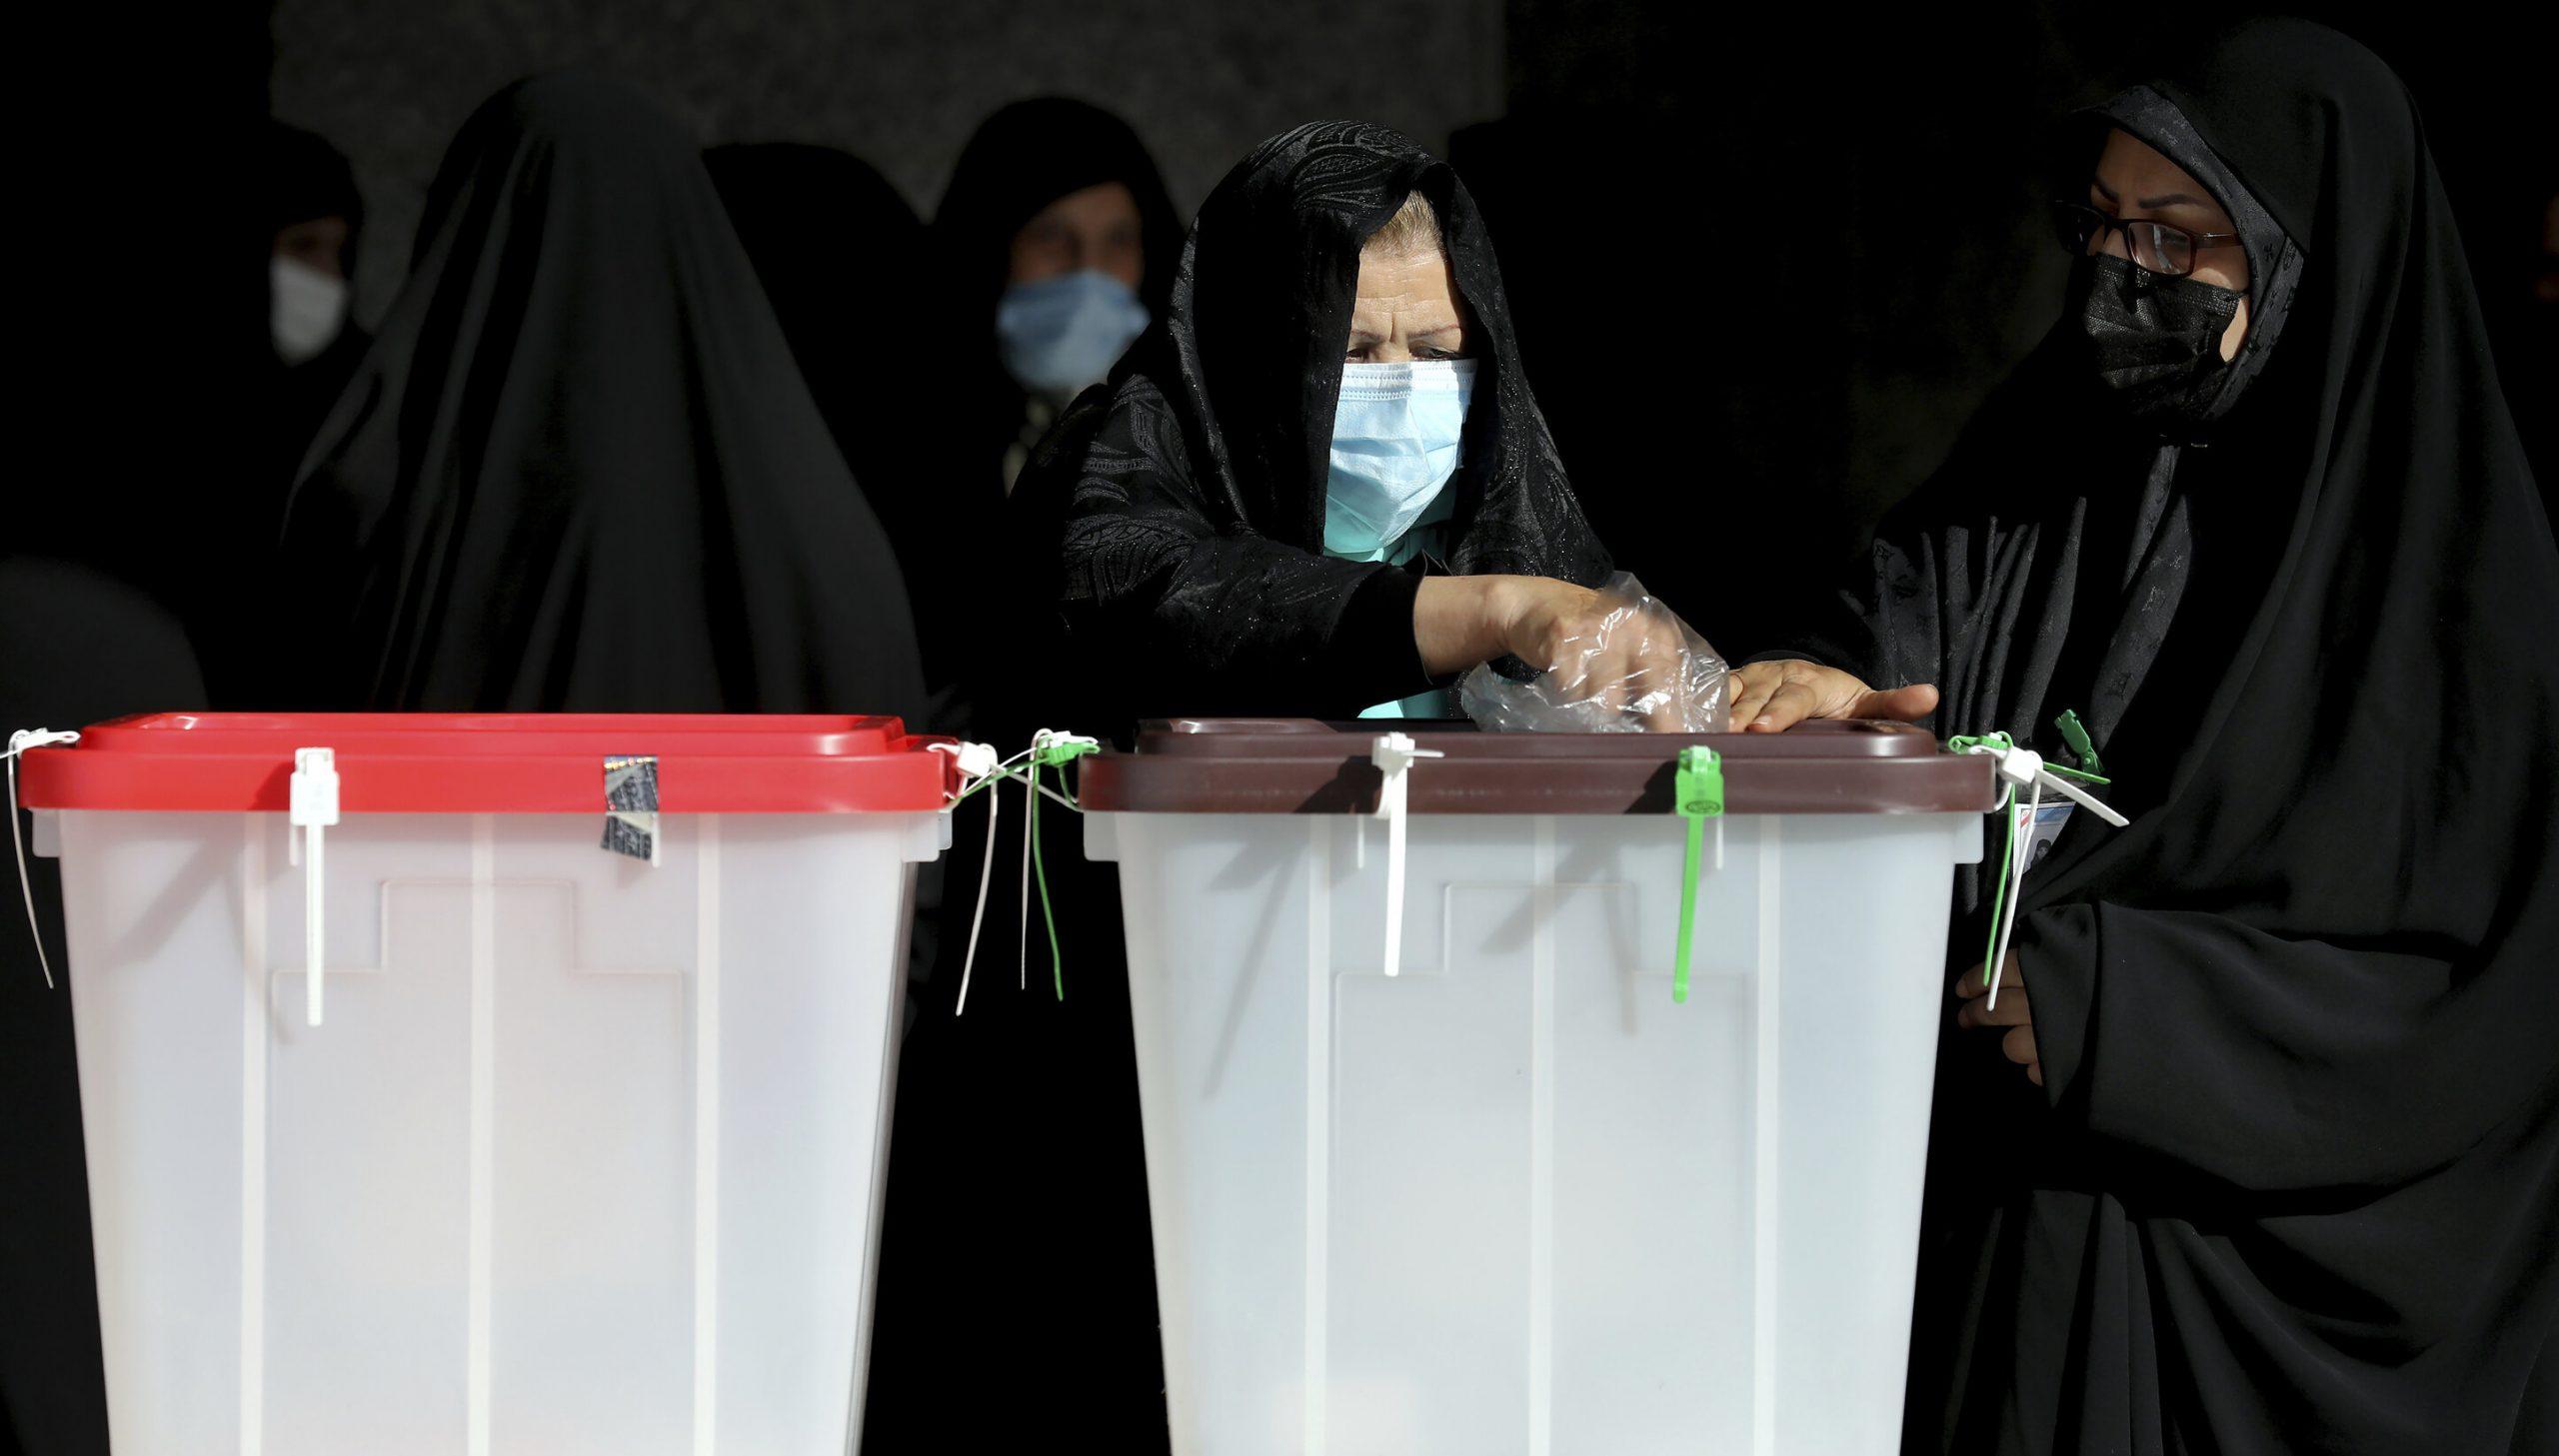 Alegeri prezidențiale în Iran| Un elicopter care transporta buletine de vot s-a prăbușit